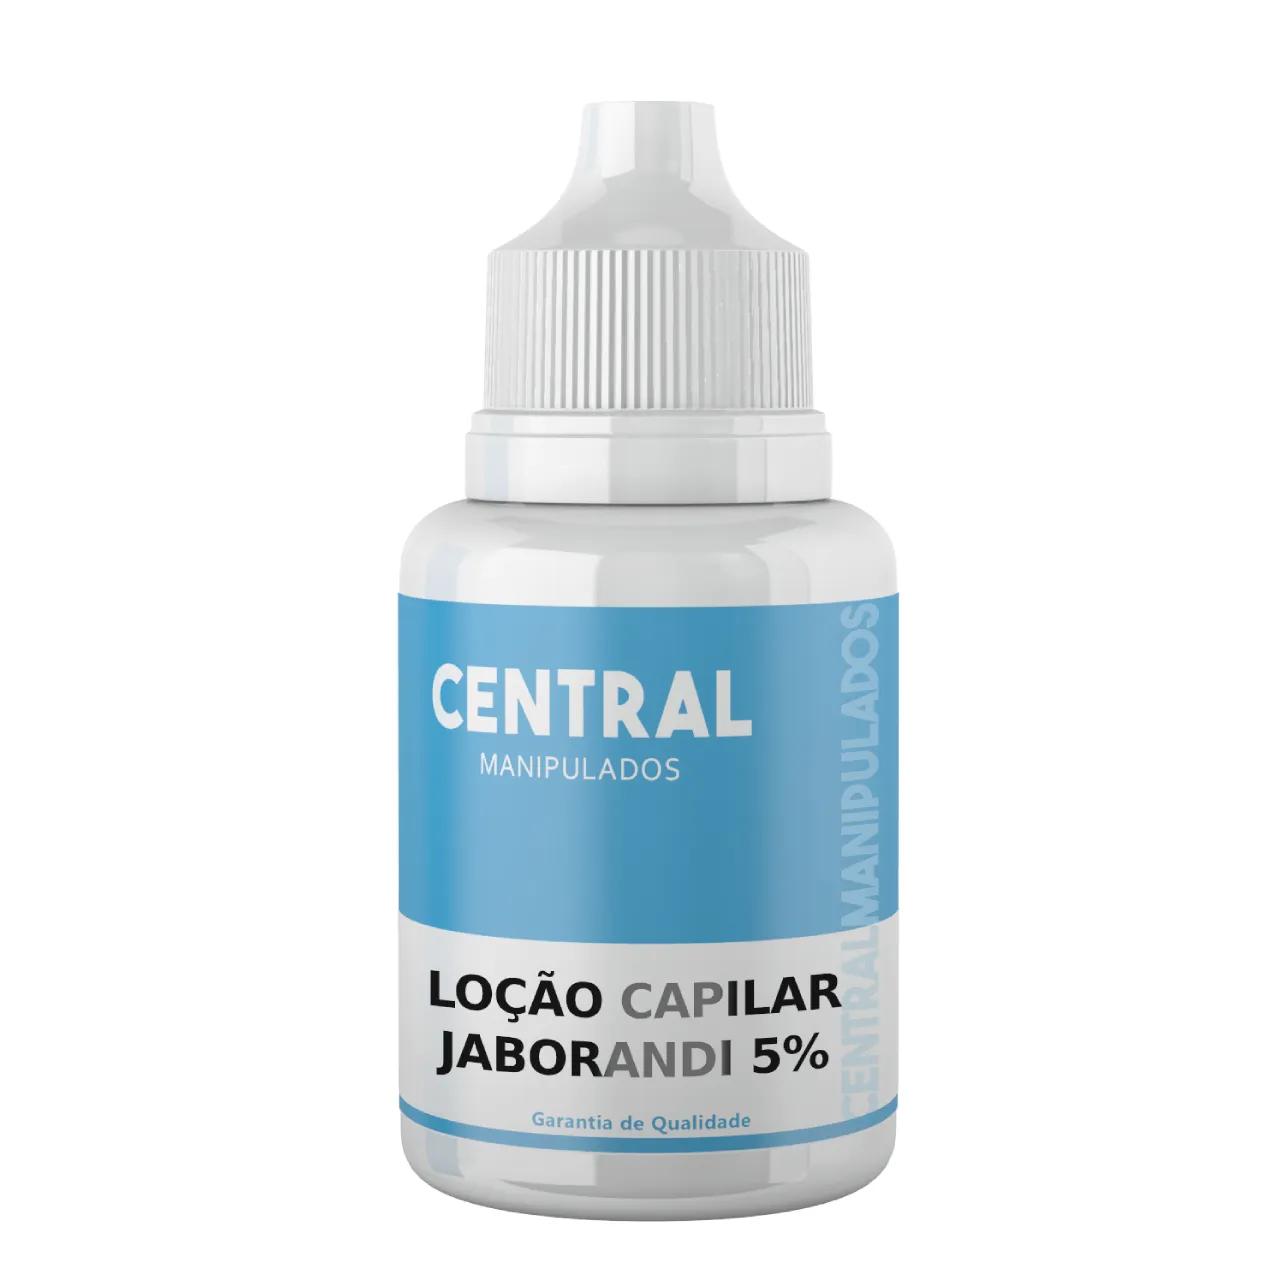 Loção Capilar Jaborandi 5%  100ml - Combate à queda capilar, Estimula o crescimento, Saúde dos Fios